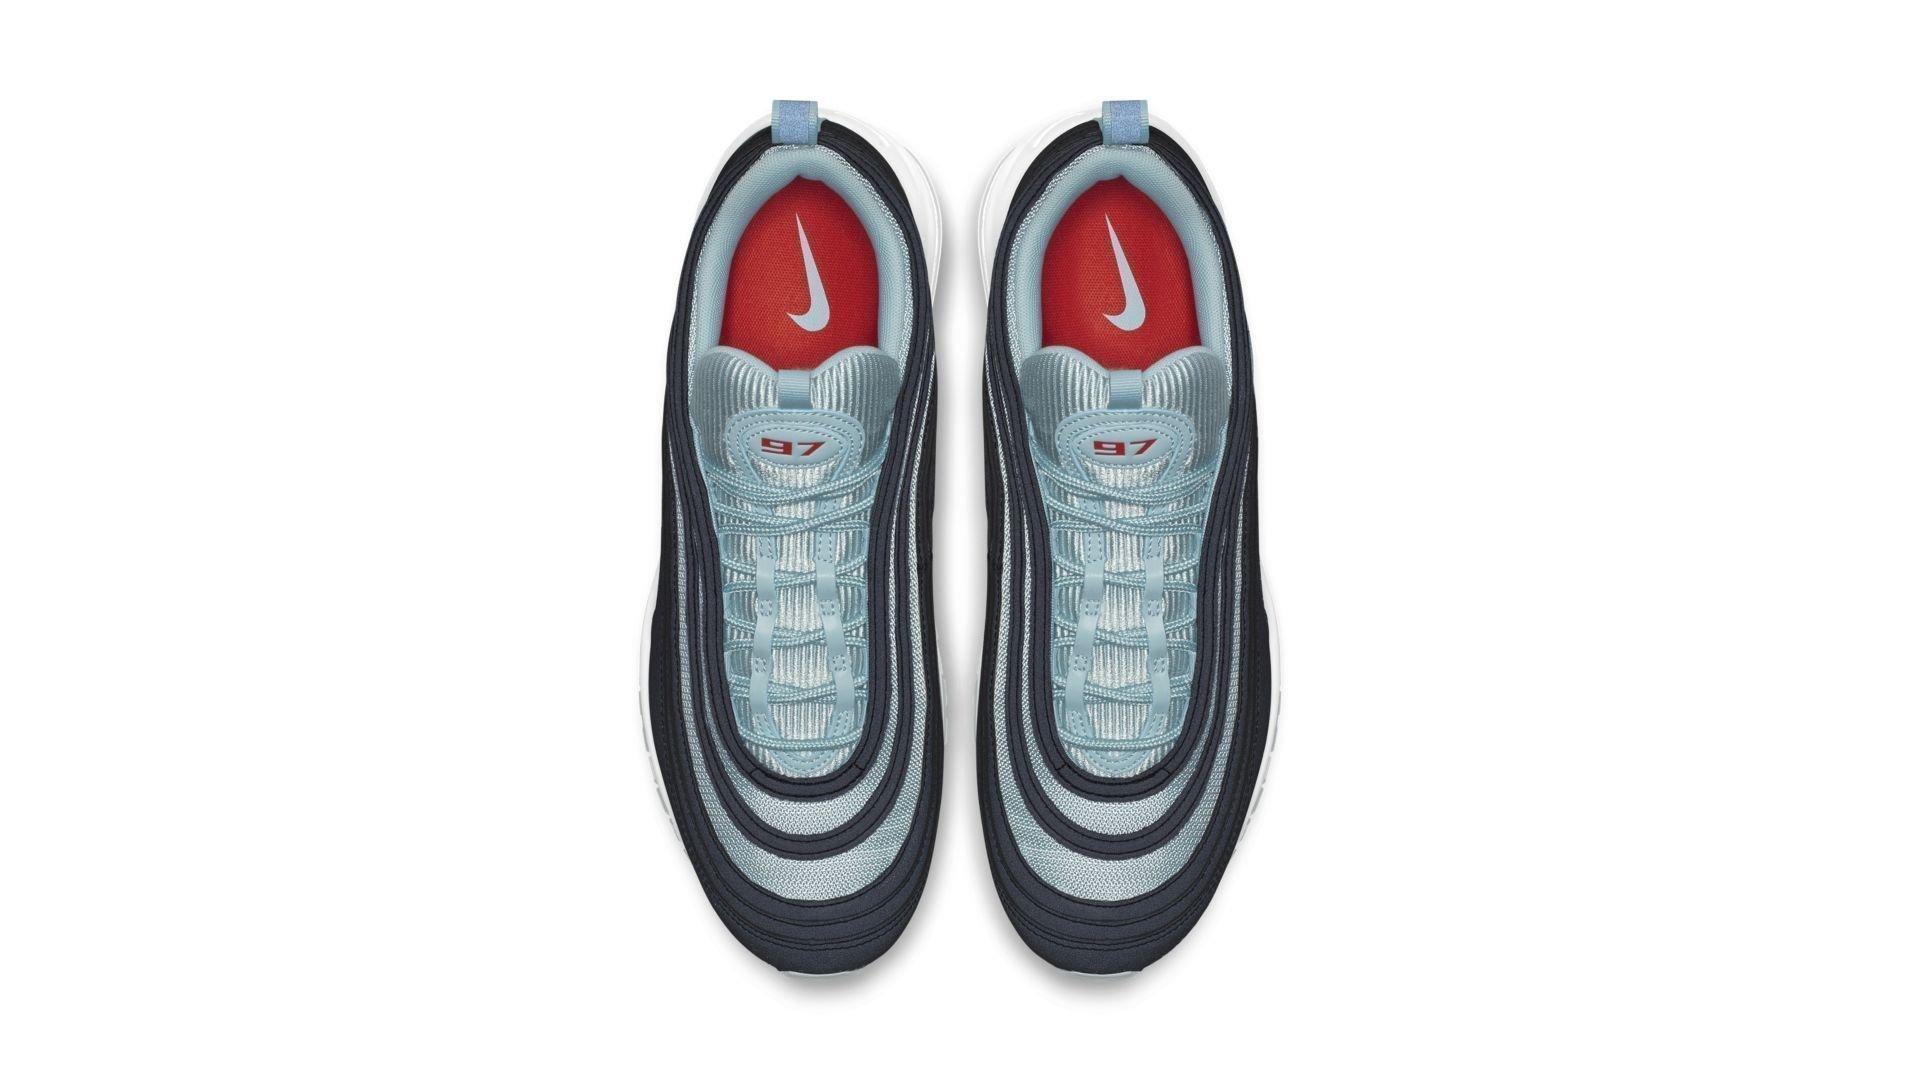 Nike Air Max 97 AV7025-400